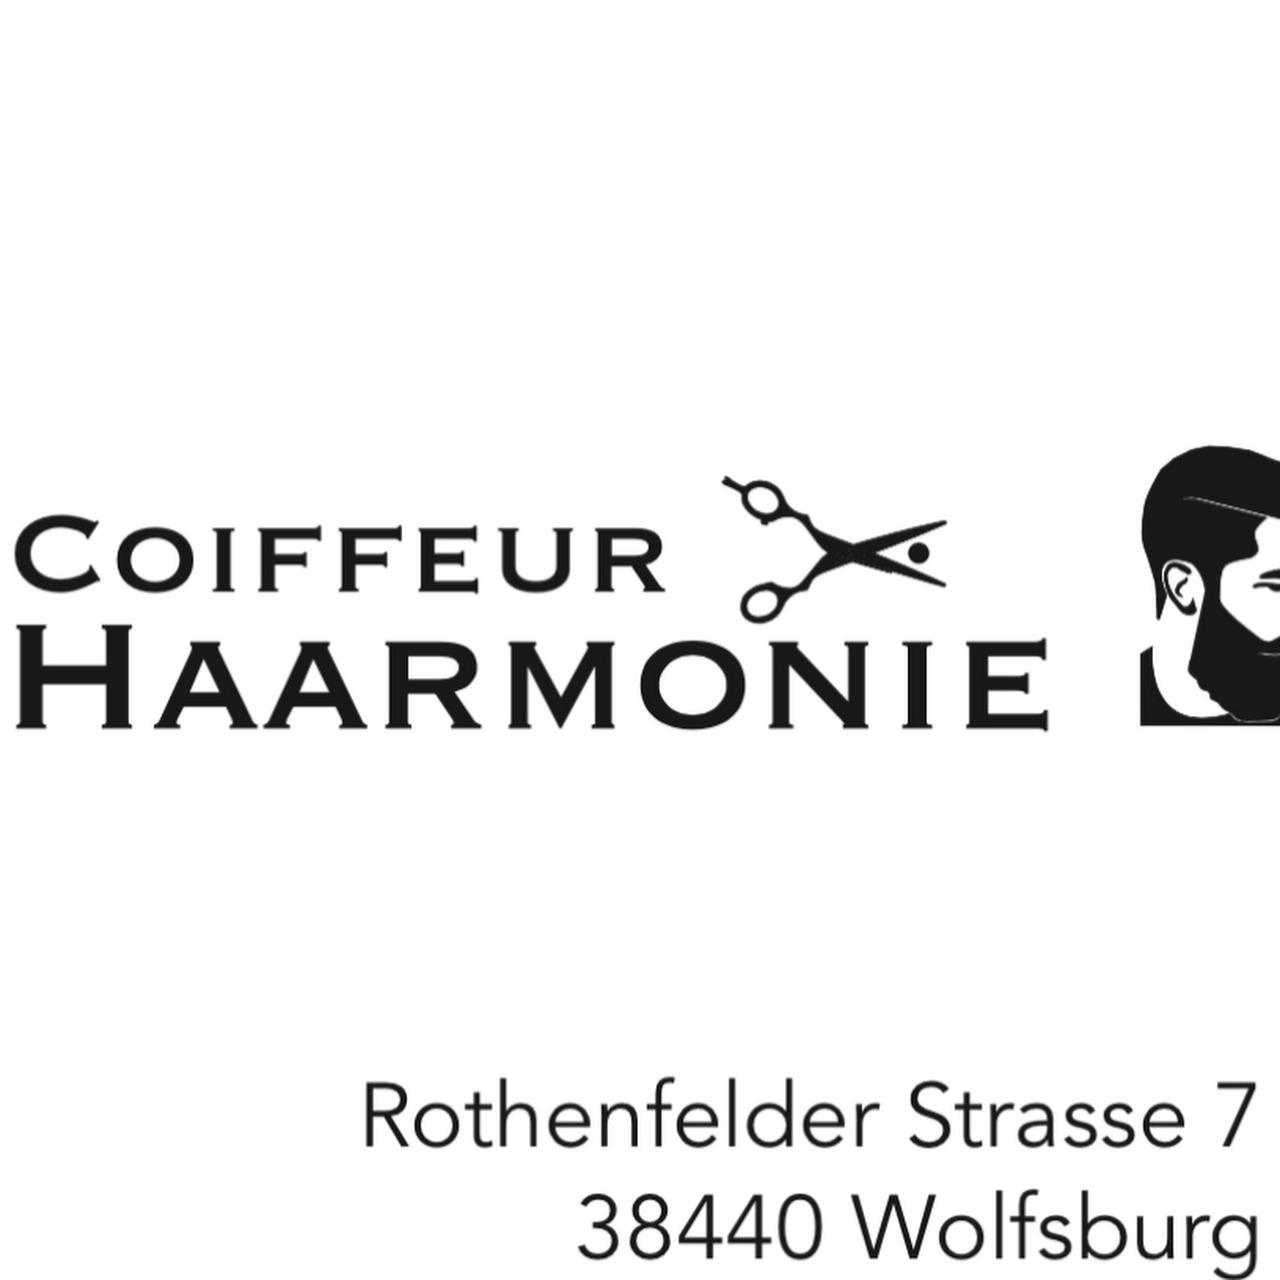 Bild zu Coiffeur Haarmonie in Wolfsburg